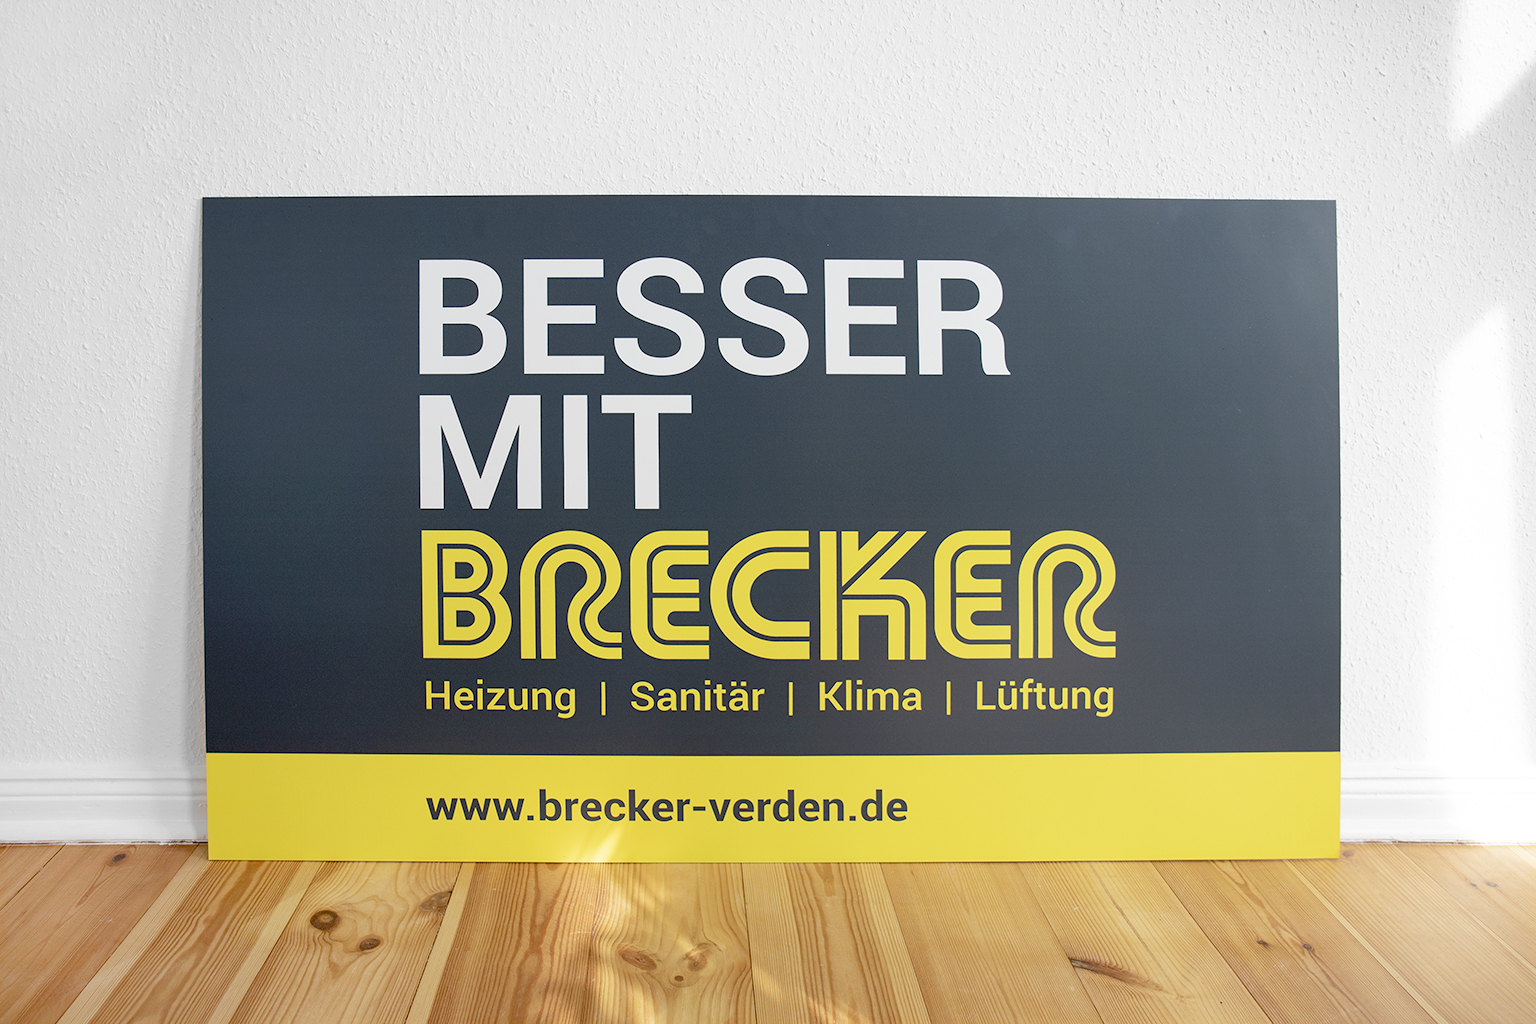 brecker-verden-schild